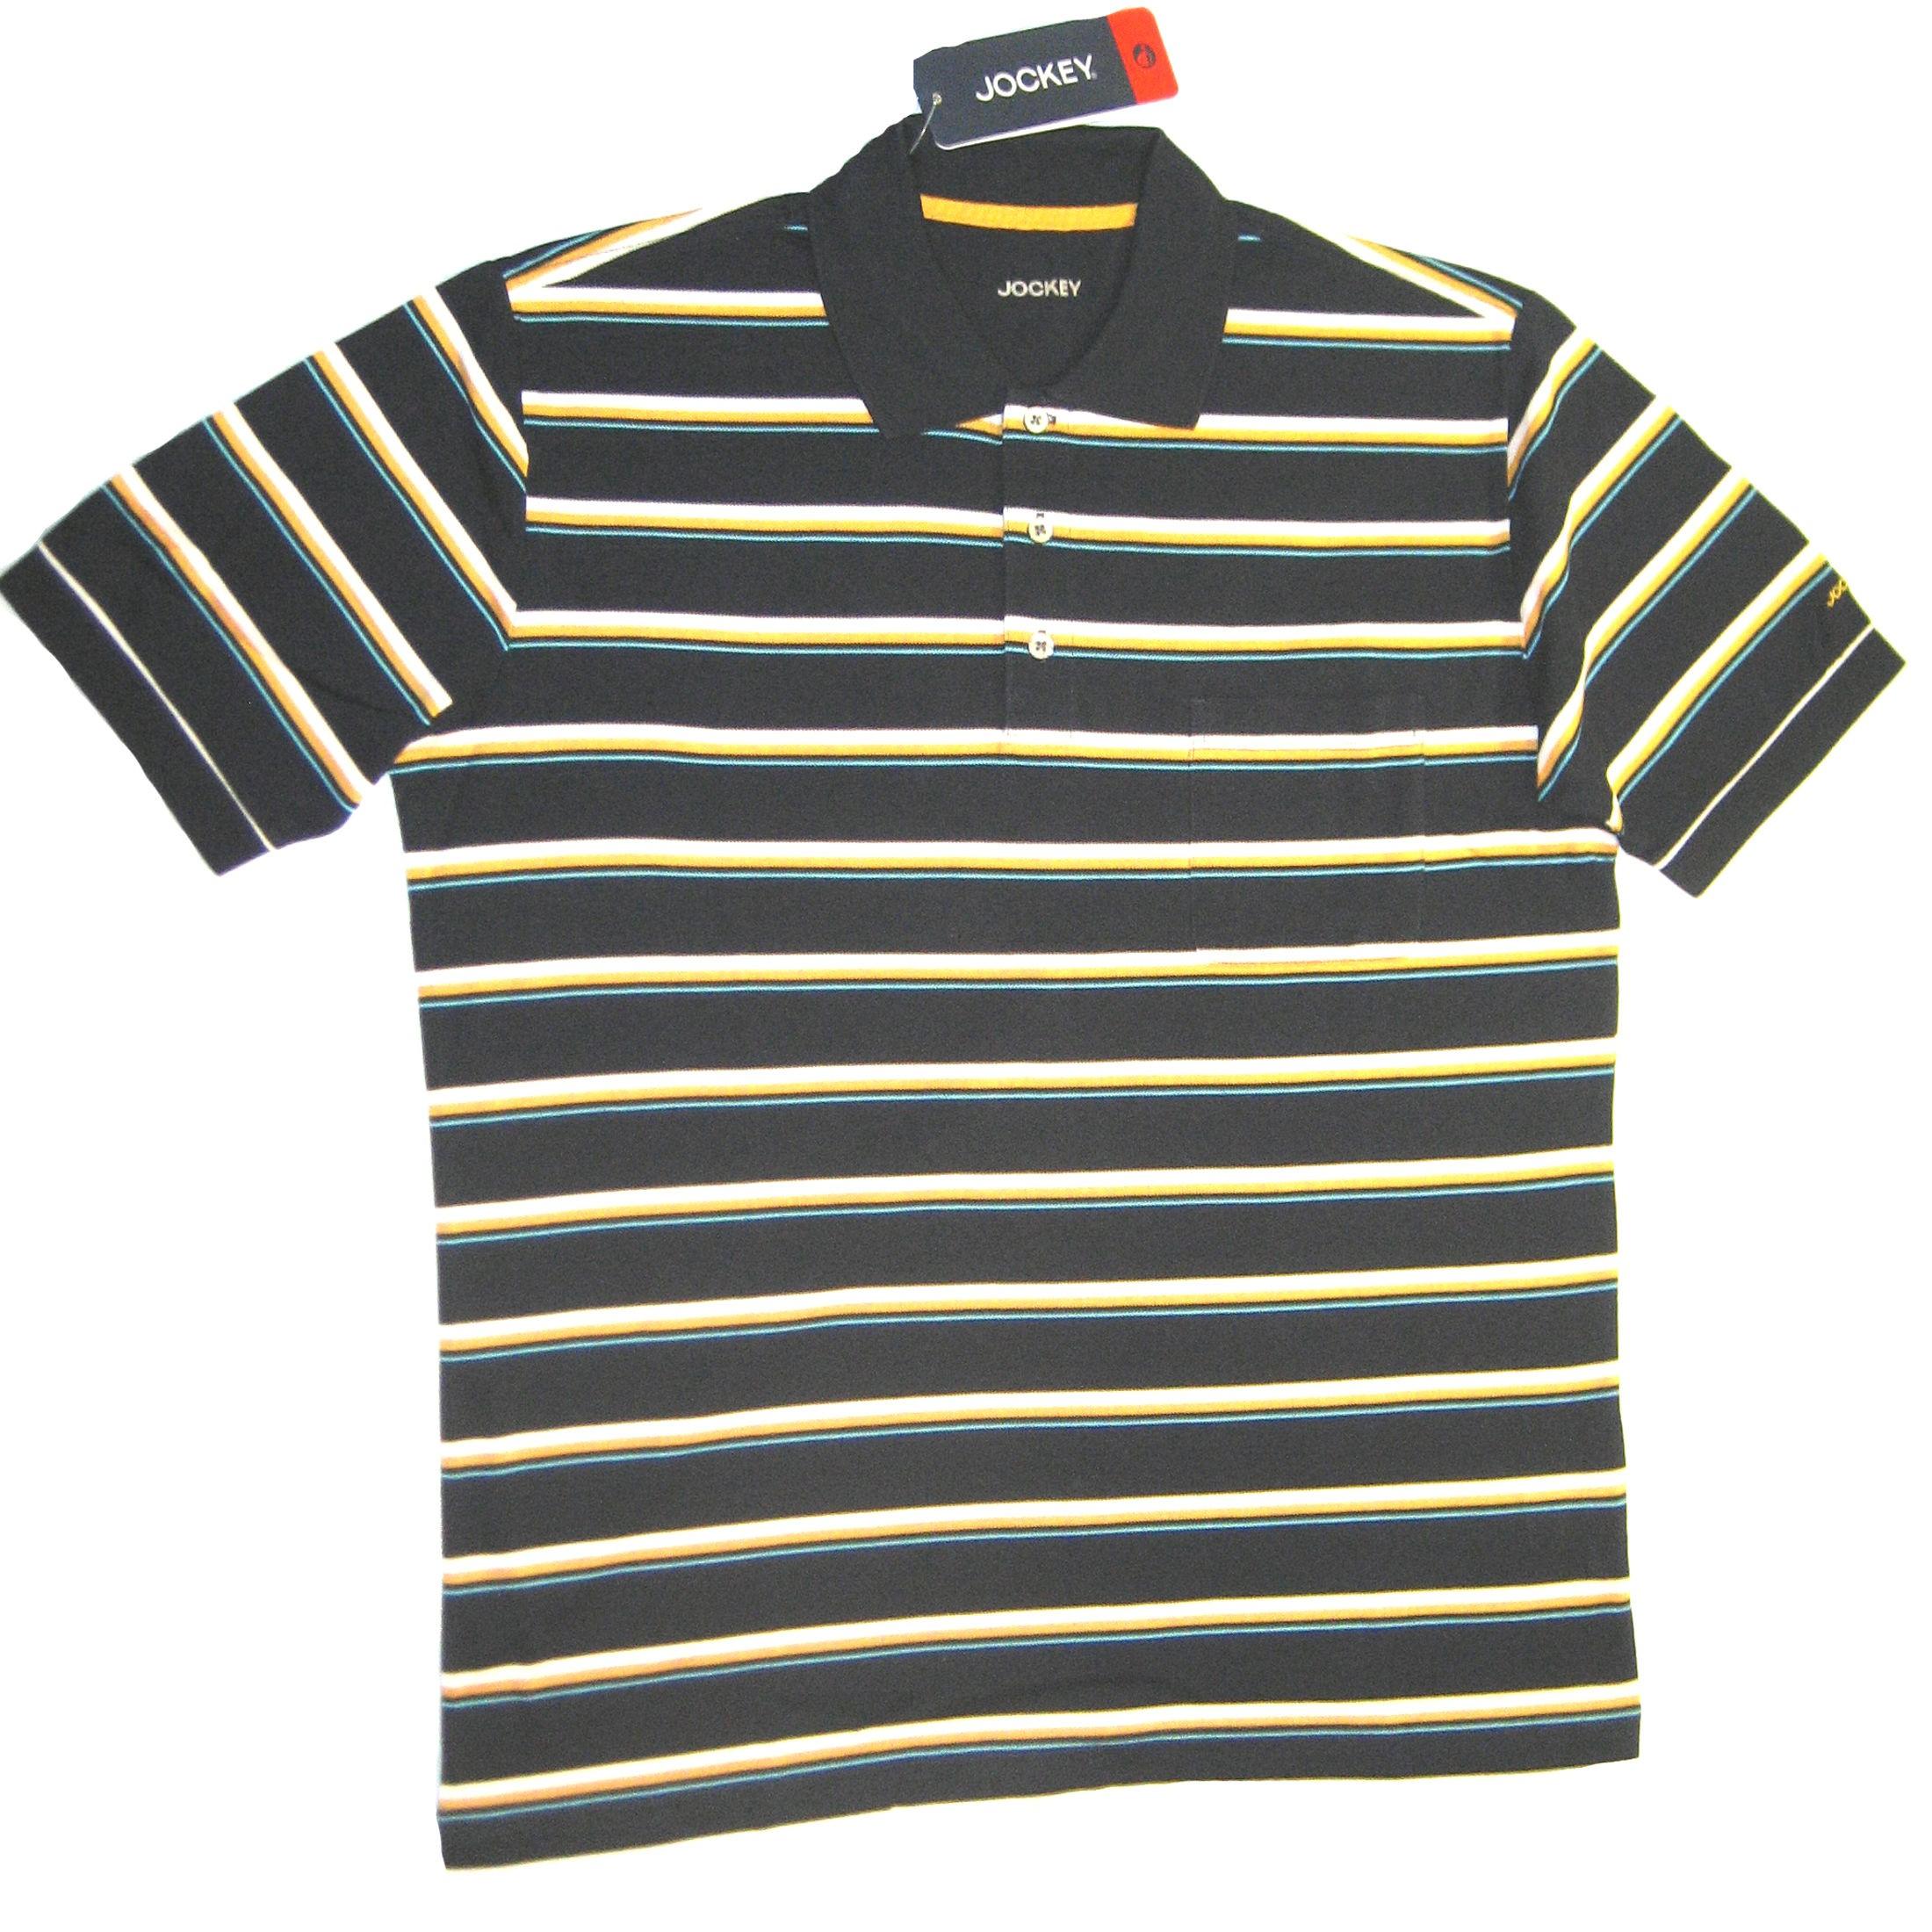 JOCKEY Herren Poloshirt kurzarm mit Brusttasche reine Baumwolle pique  gestreift 0da190bfb0